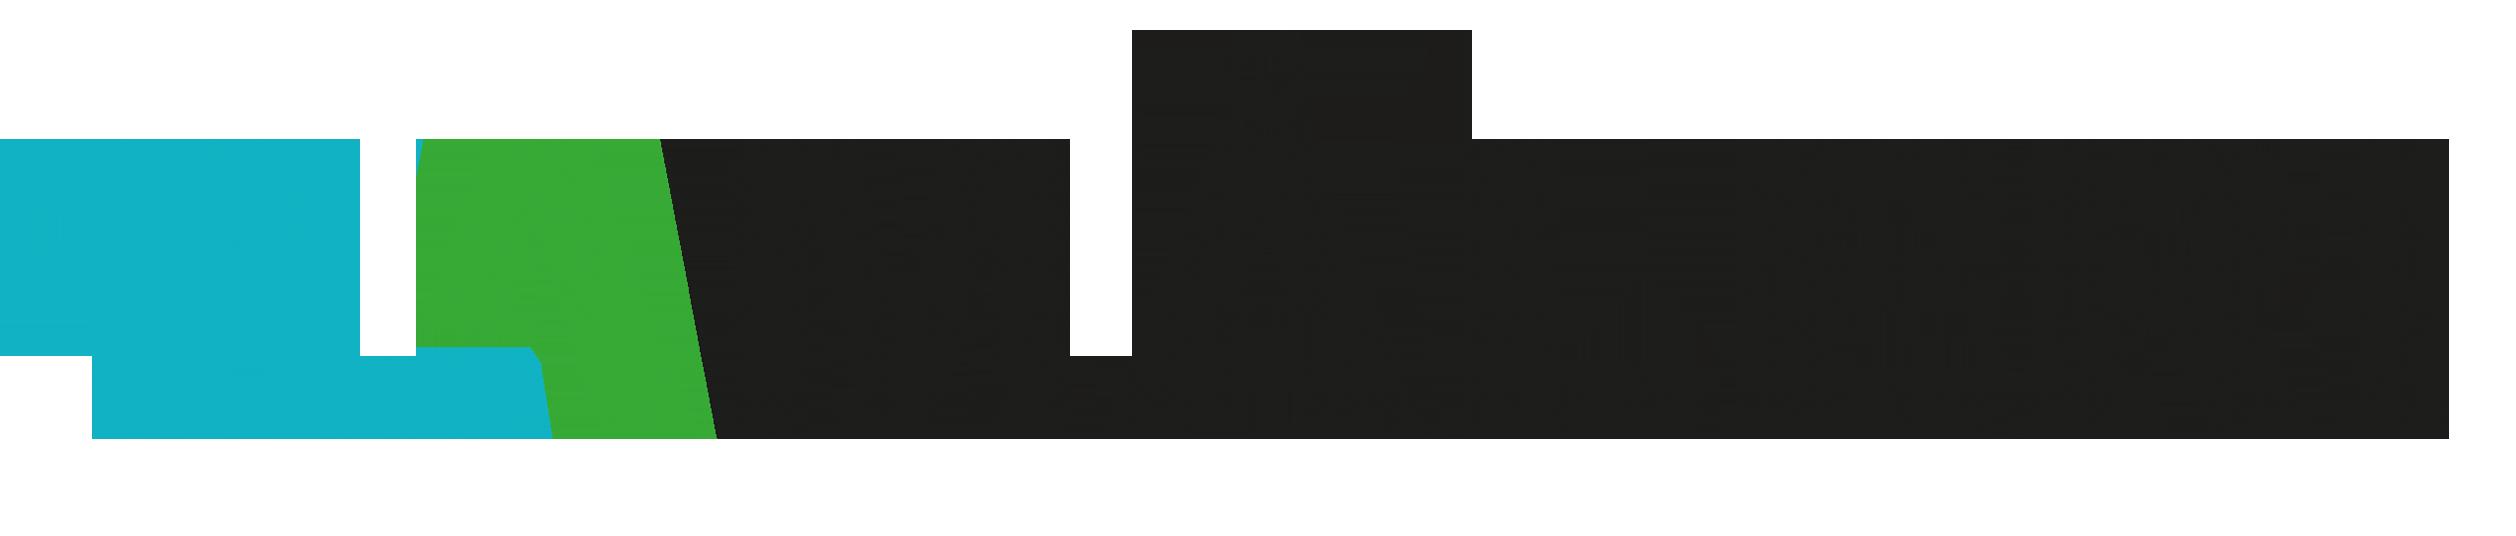 Logogype Tla Måleri AB